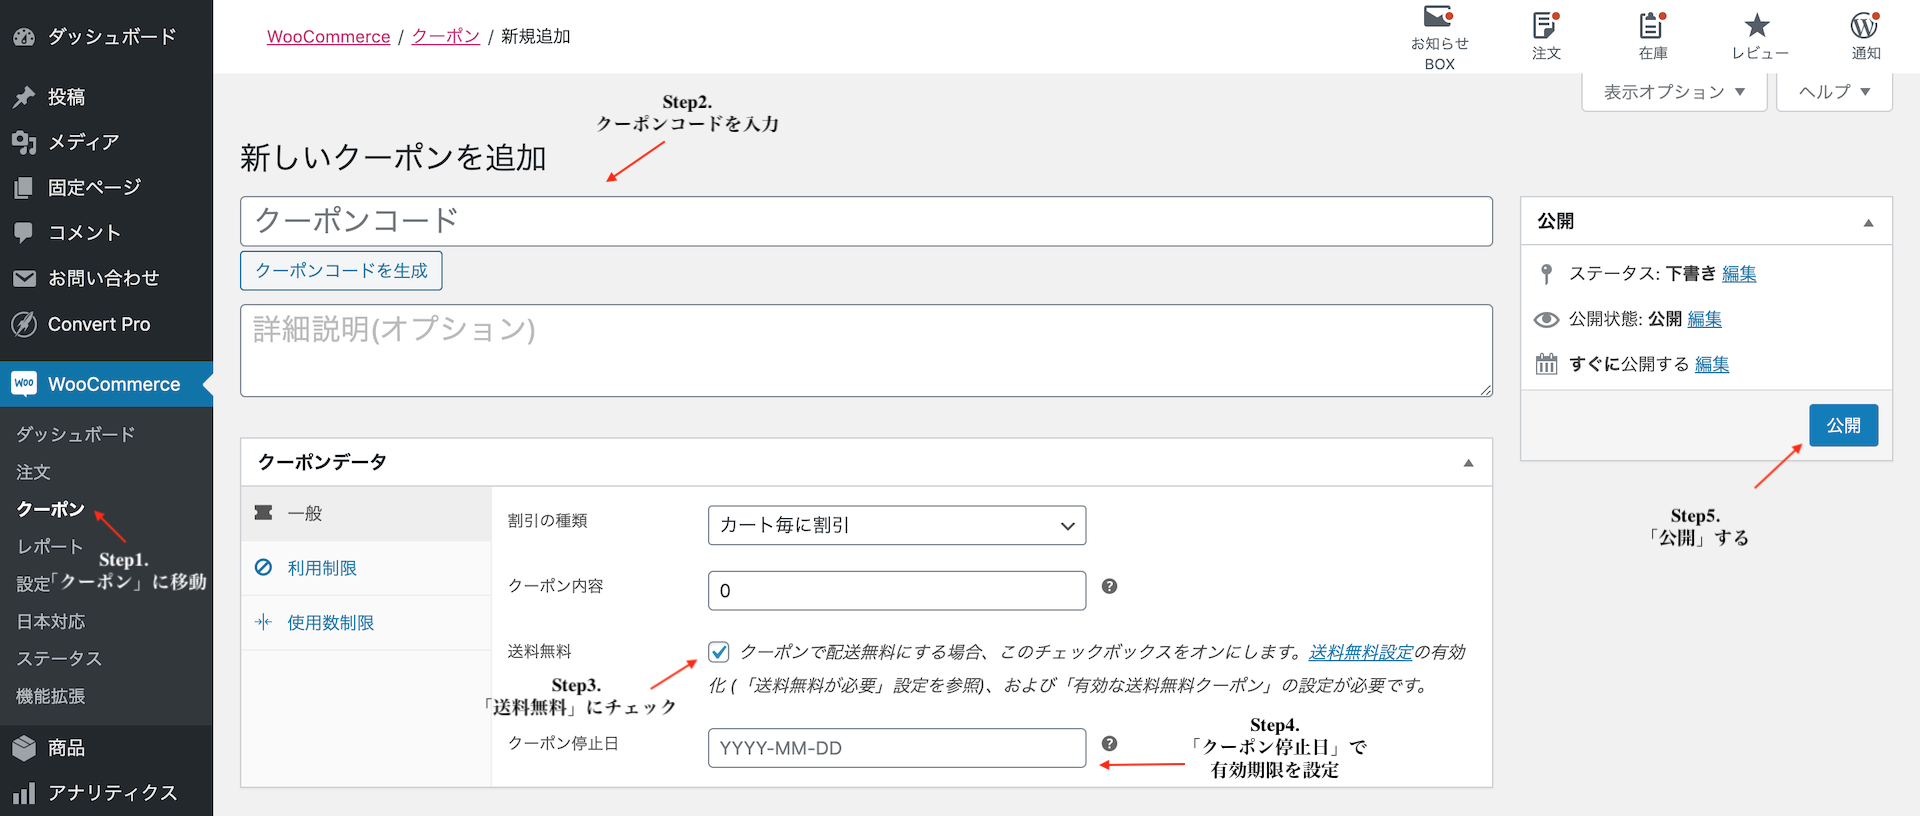 WooCommerce 送料無料クーポンを発行する方法